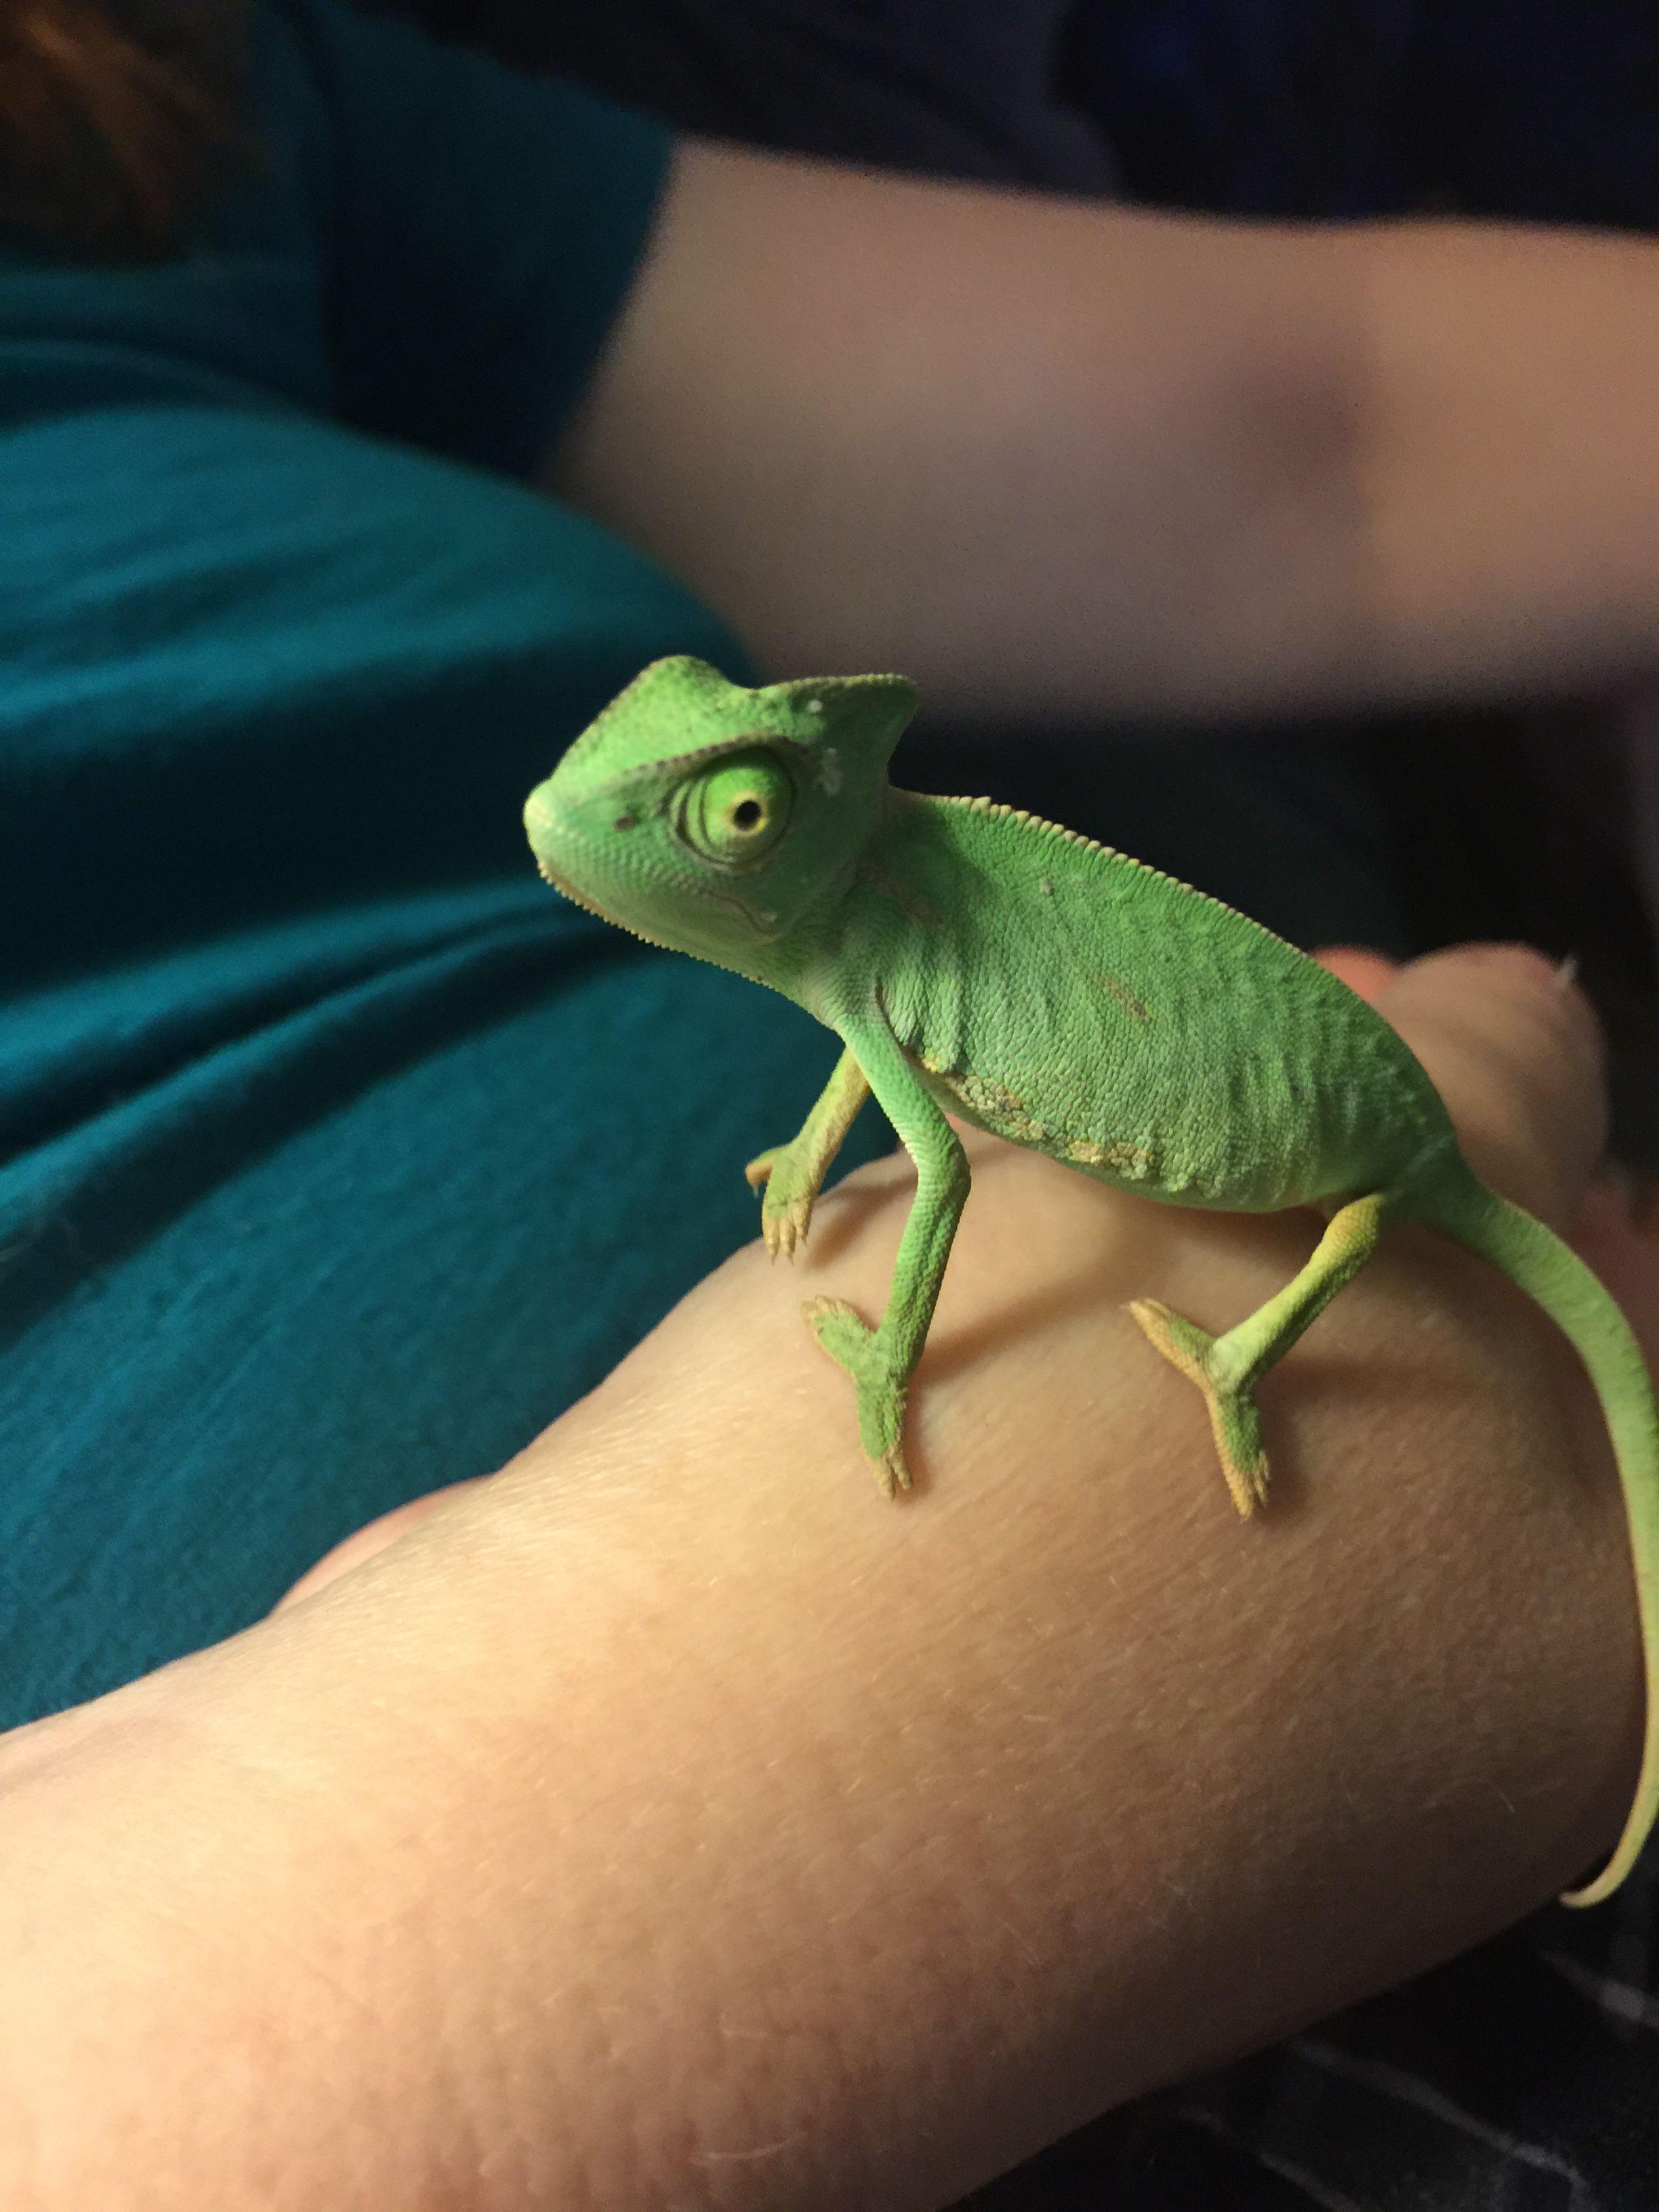 Veiled chameleon 1 month old Esther Chameleon pet